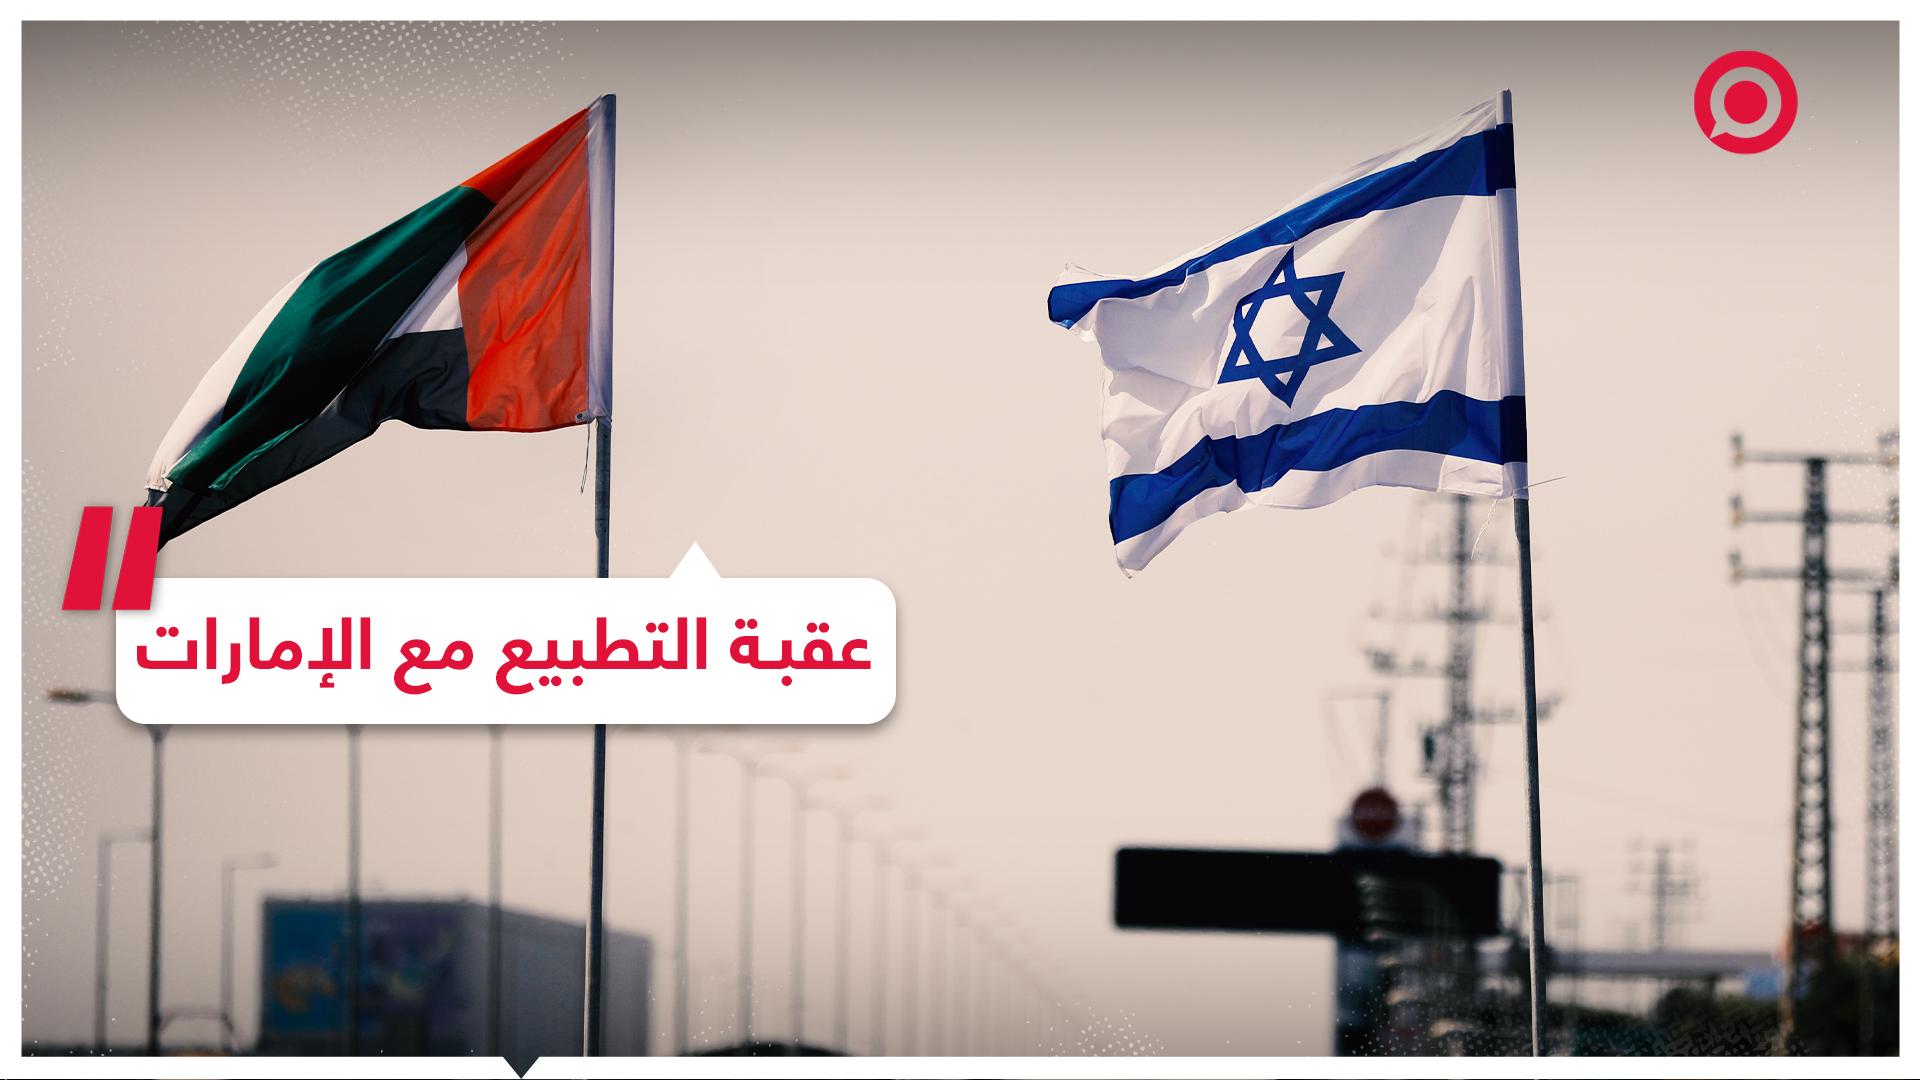 إسرائيل - الإمارات - اتفاق التطبيع